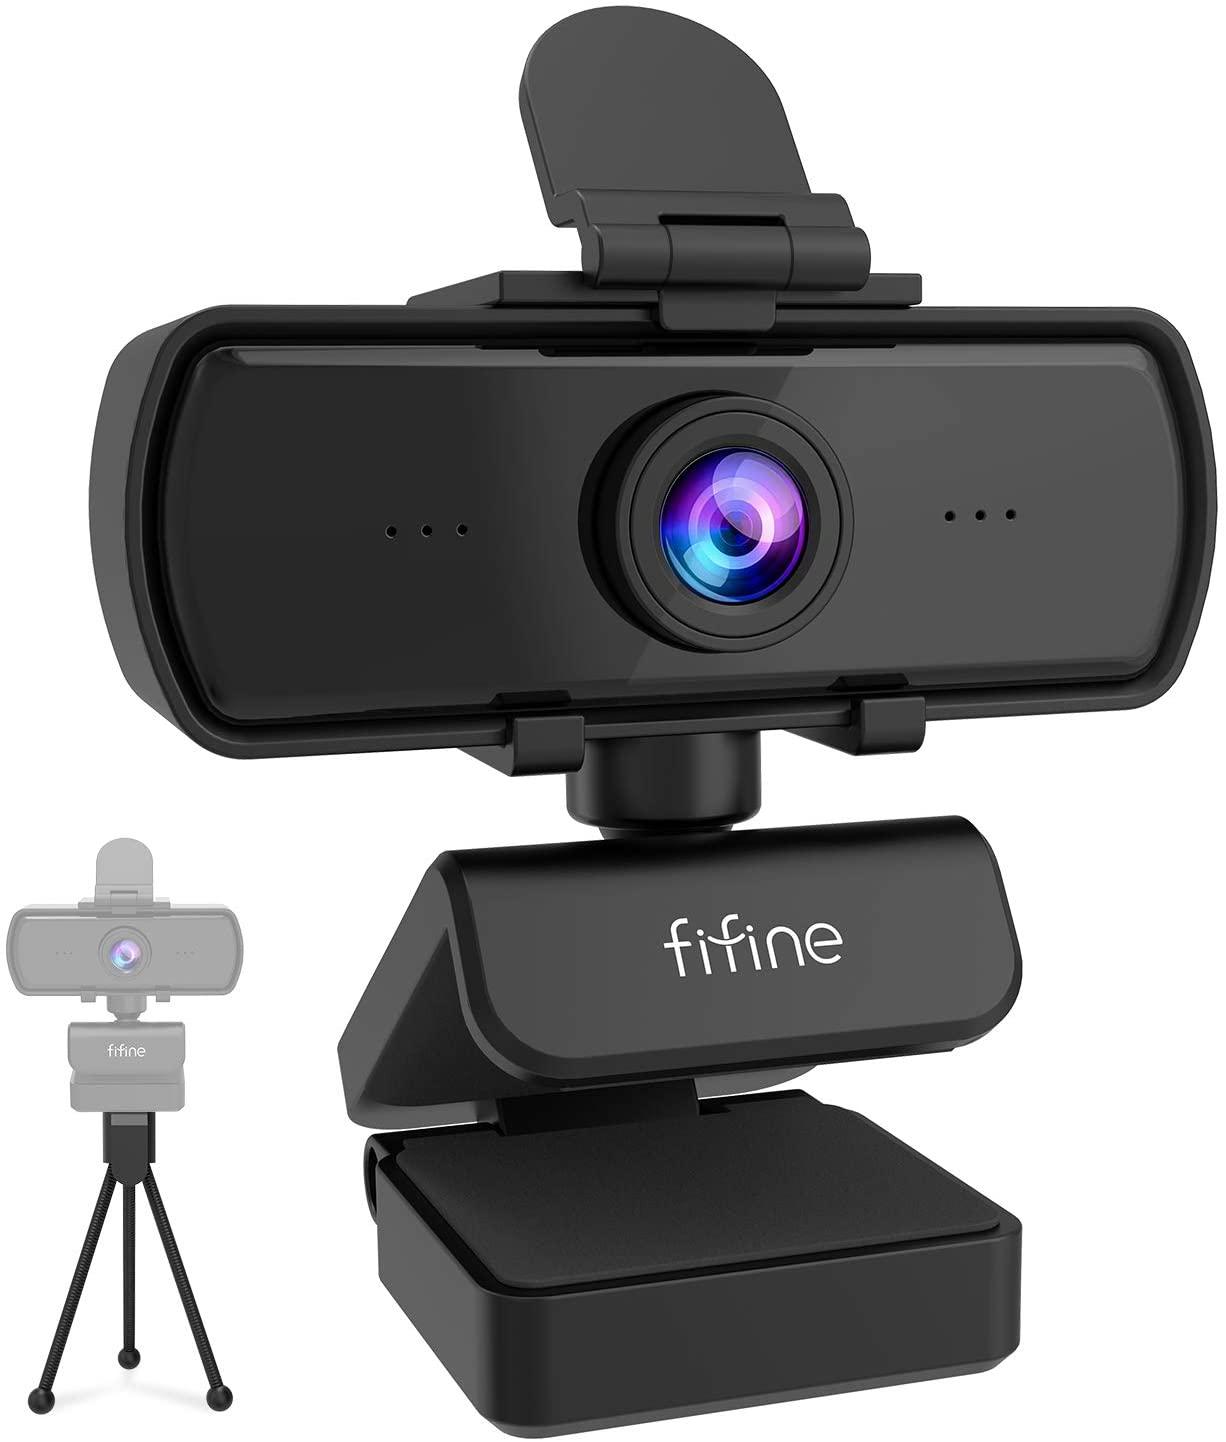 Fifine 1440P Webcam